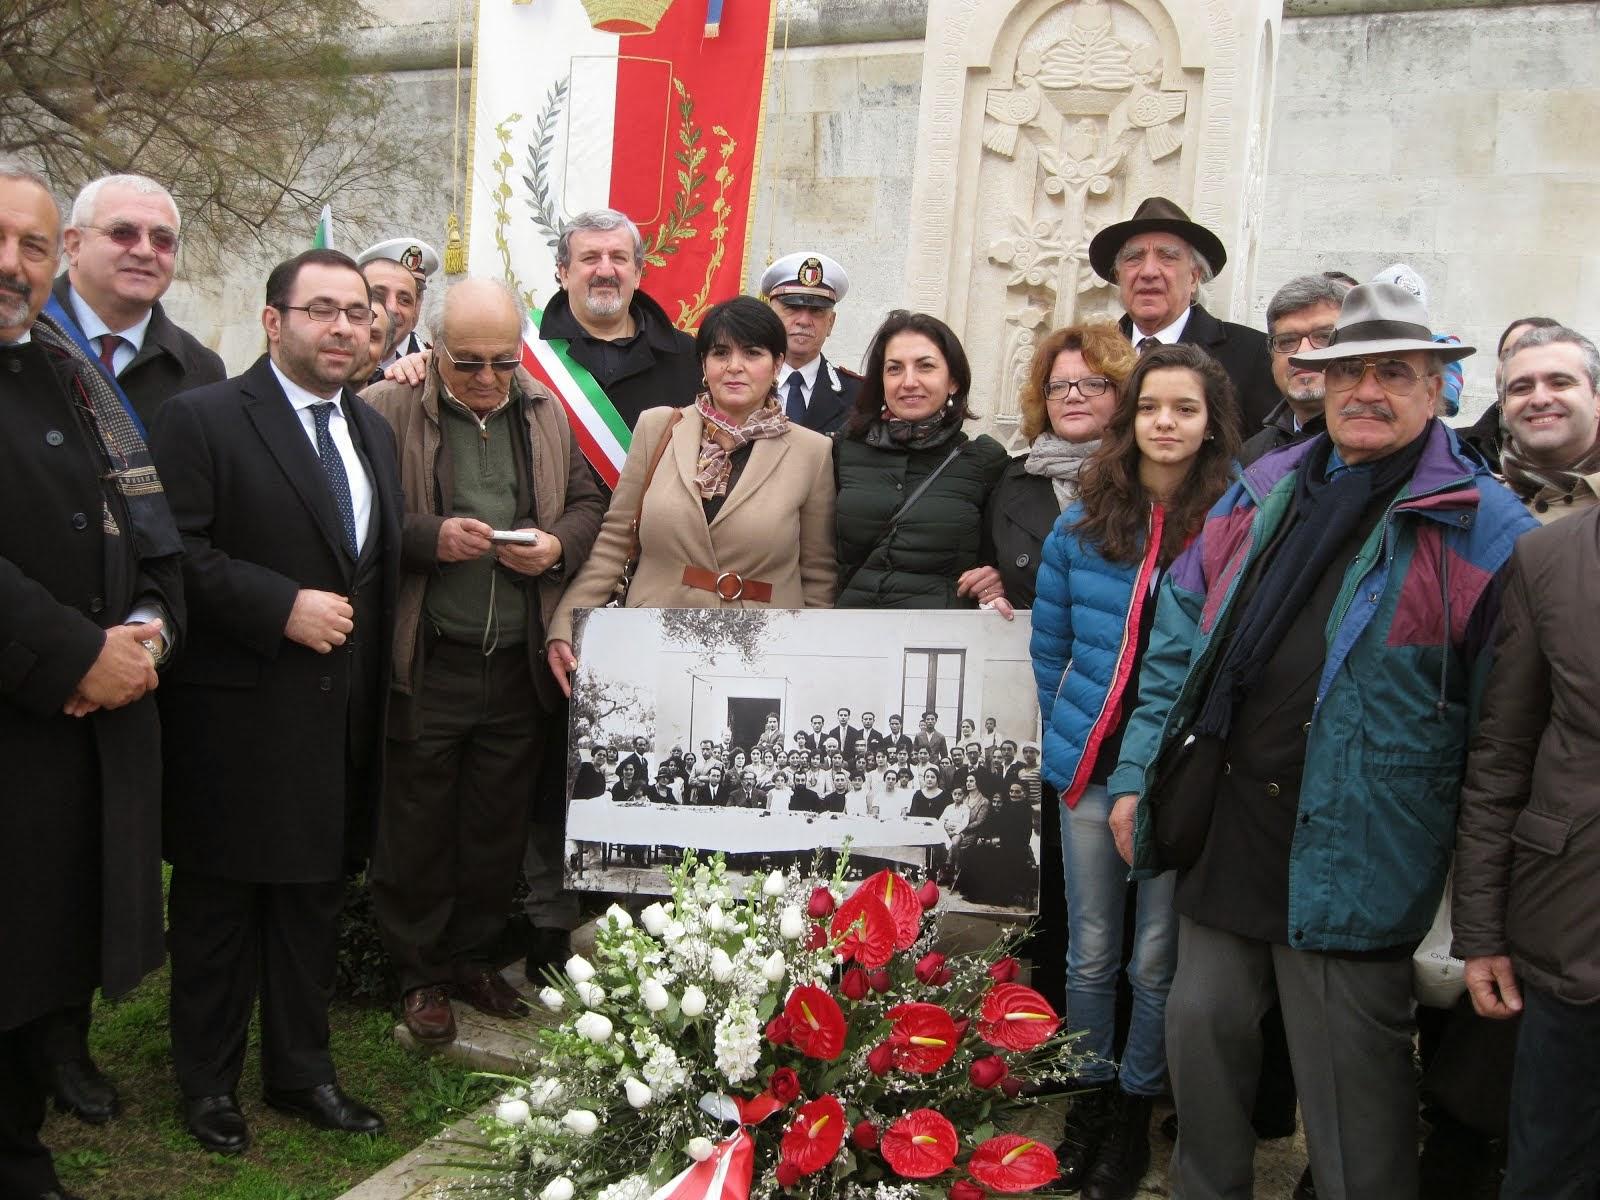 Un momento dell'anniversario-Croce di Pietra, Armena